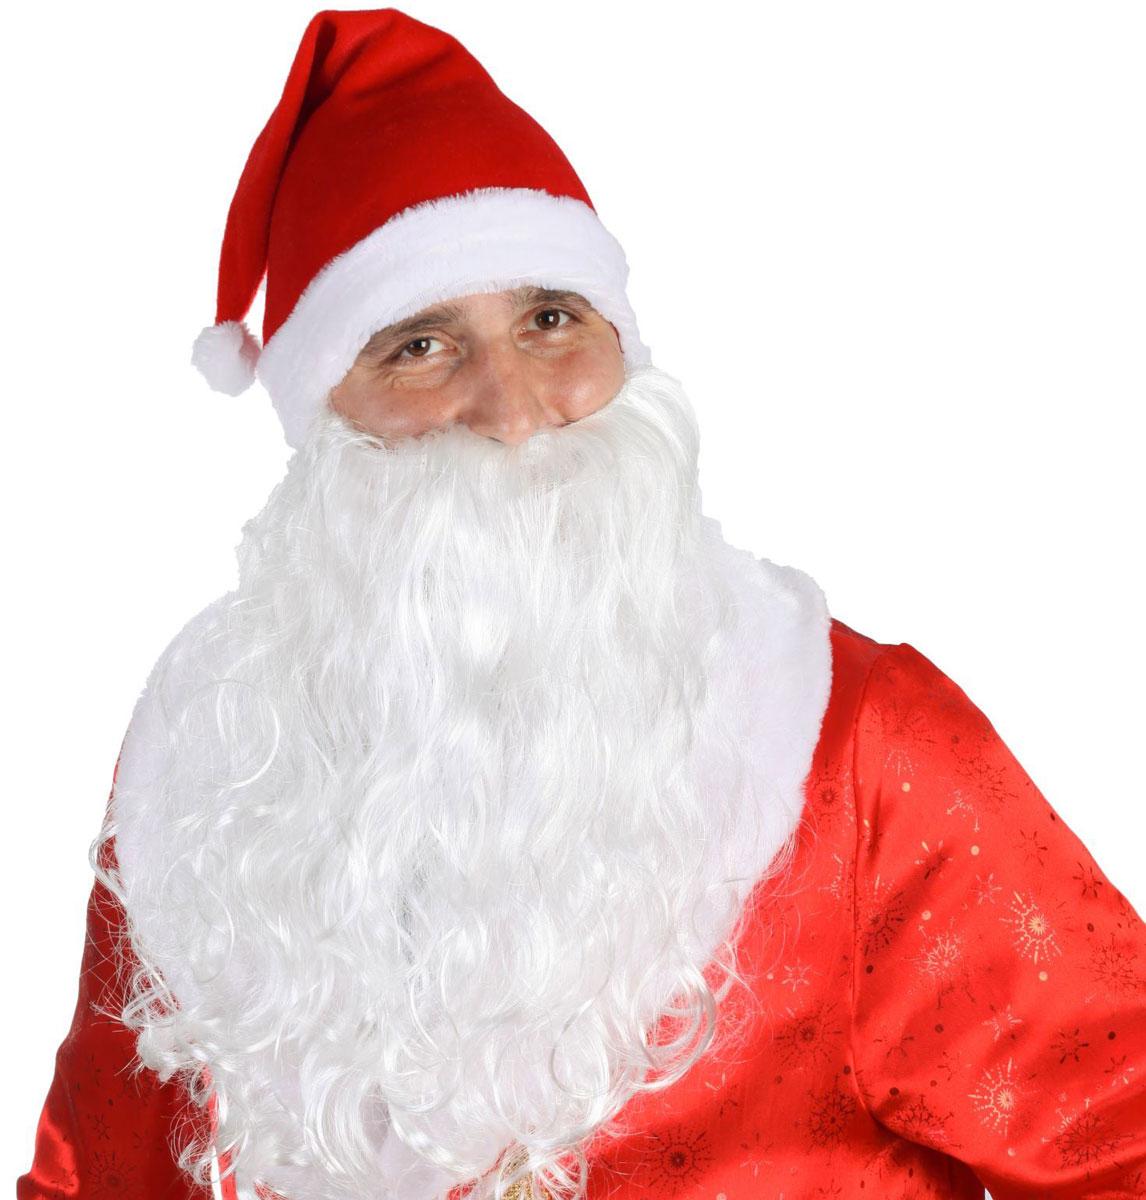 Колпак новогодний Страна Карнавалия Дед Мороз, размер 55-592615550Невозможно представить нашу жизнь без праздников! Мы всегда ждем их и предвкушаем, обдумываем, как проведем памятный день, тщательно выбираем подарки и аксессуары, ведь именно они создают и поддерживают торжественный настрой. Это отличный выбор, который привнесет атмосферу праздника в ваш дом!